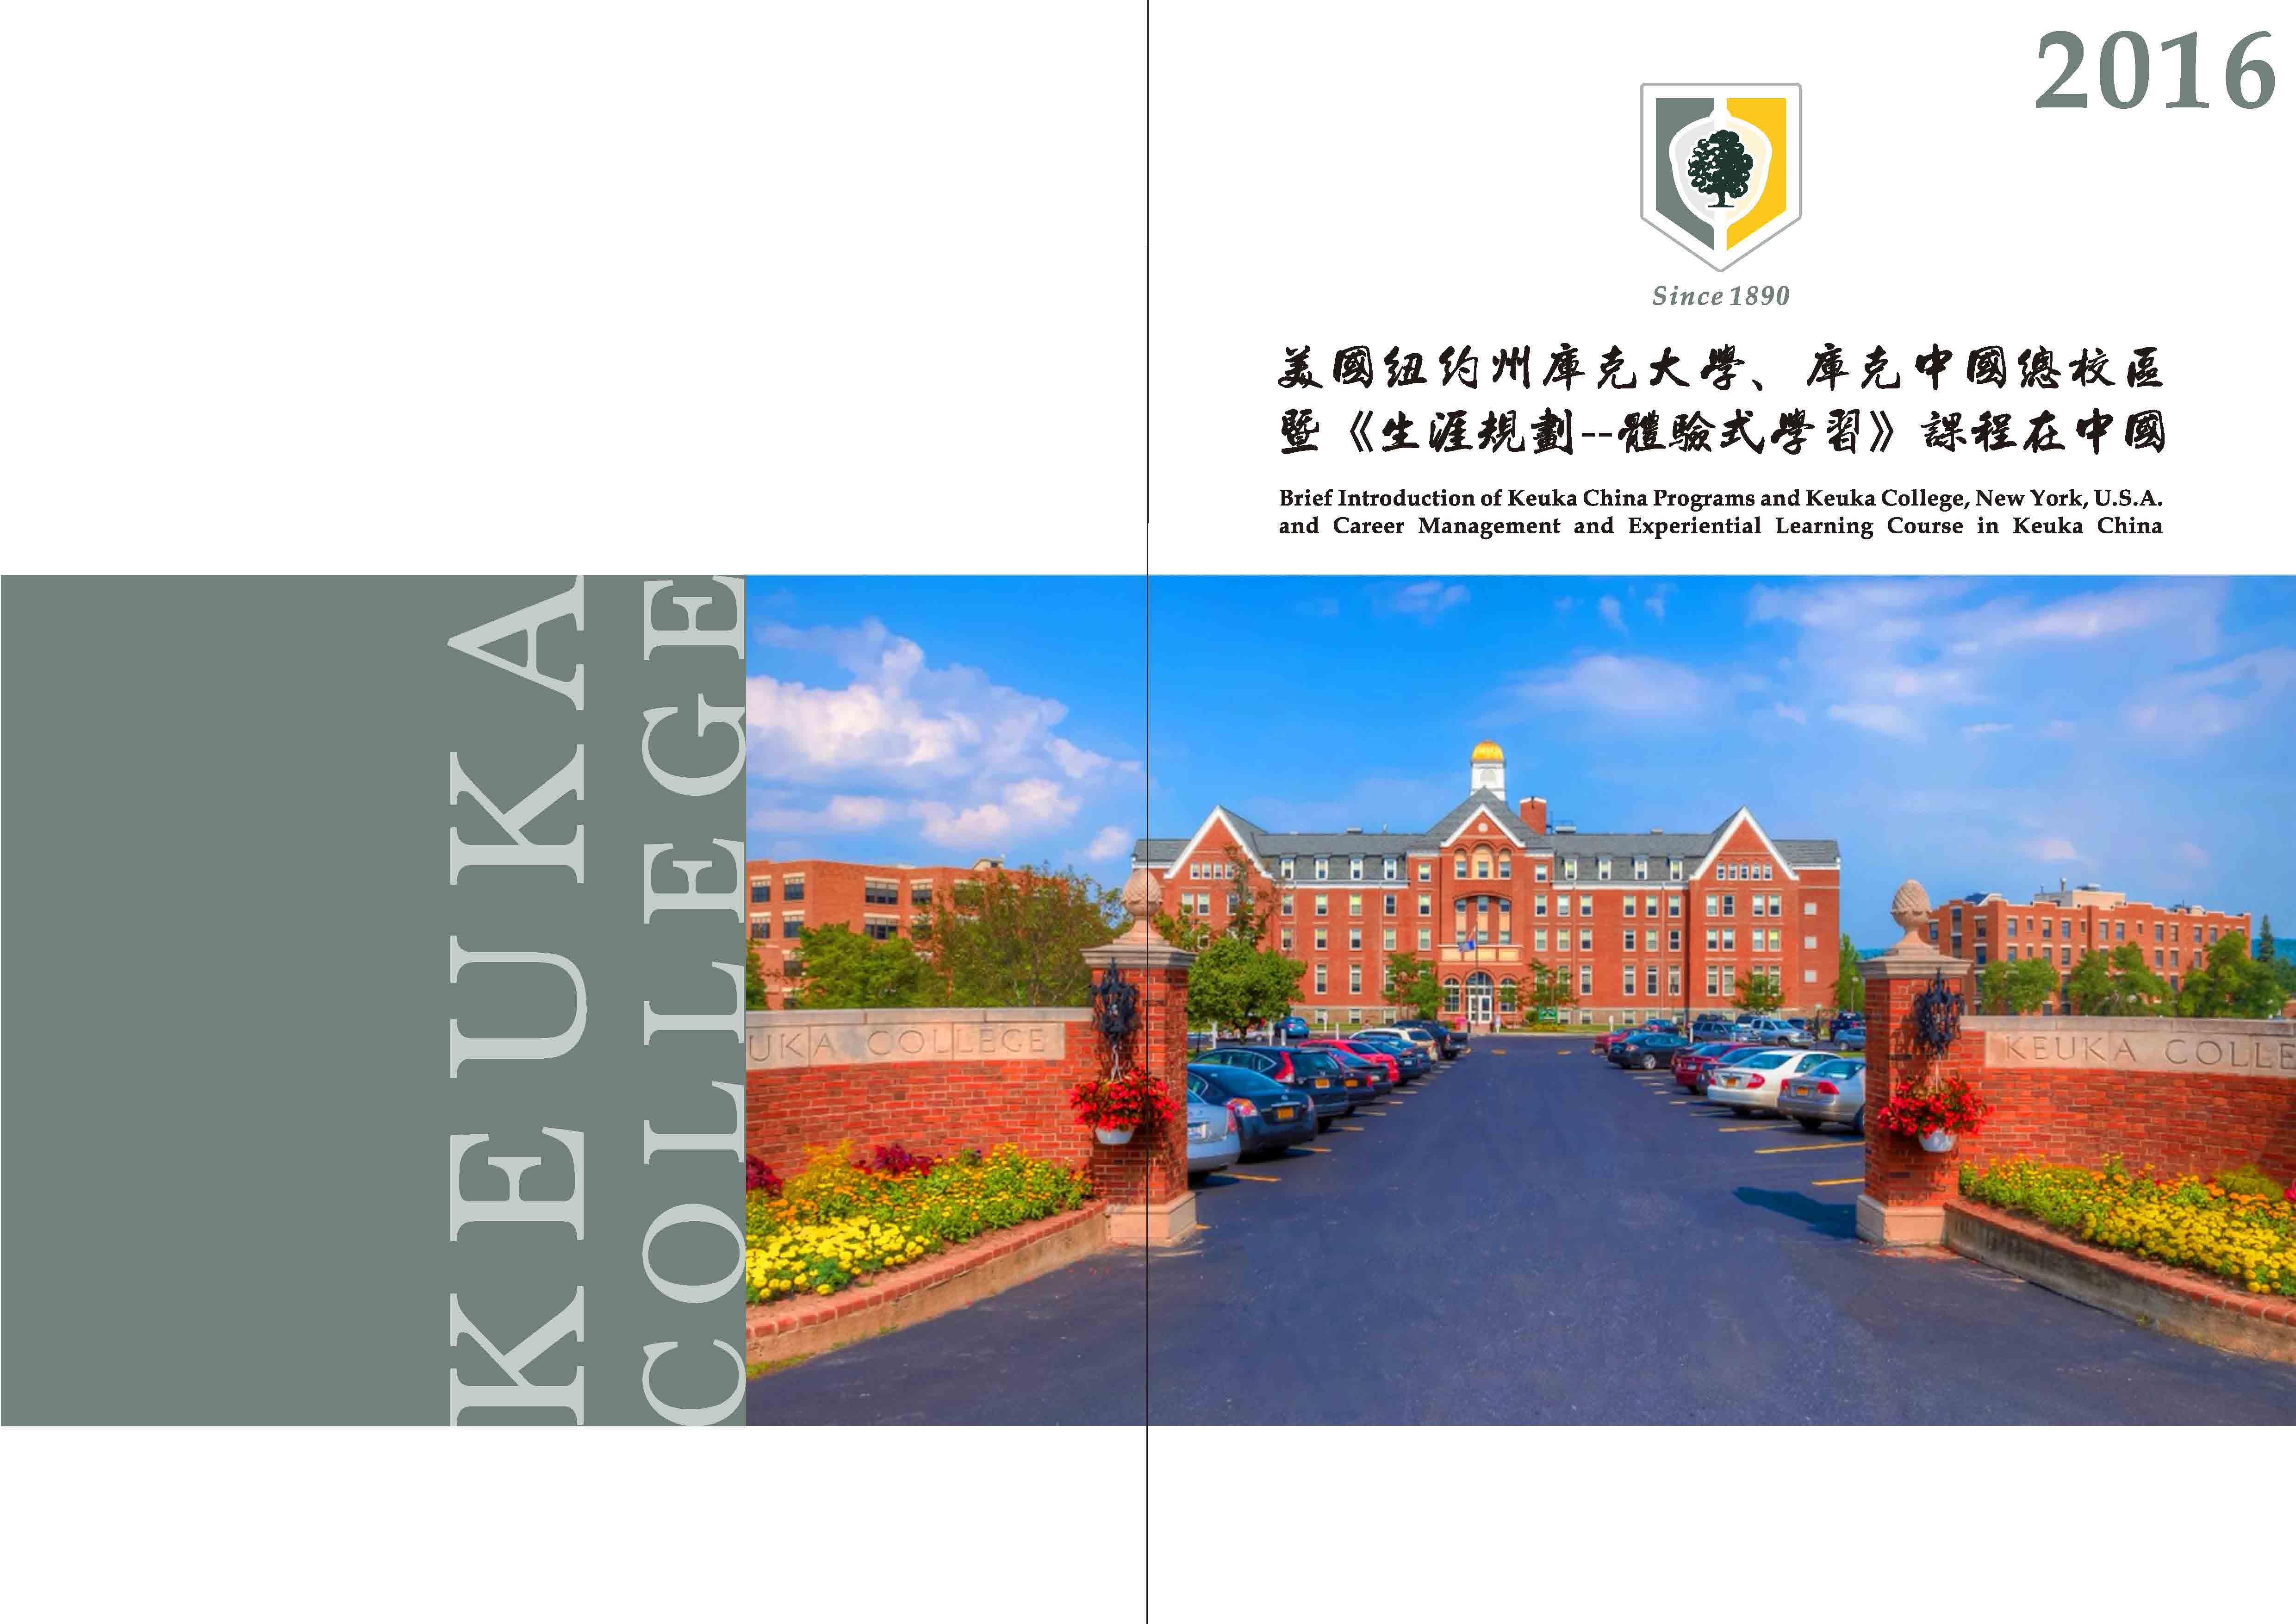 库克大学招生简章 画册宣传 排版设计 学校简介图片